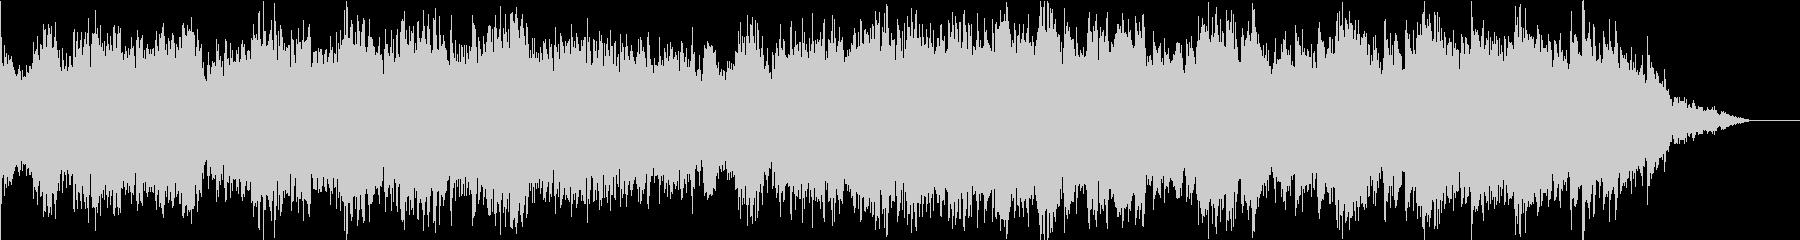 アラベスク1番 DreamMIXの未再生の波形